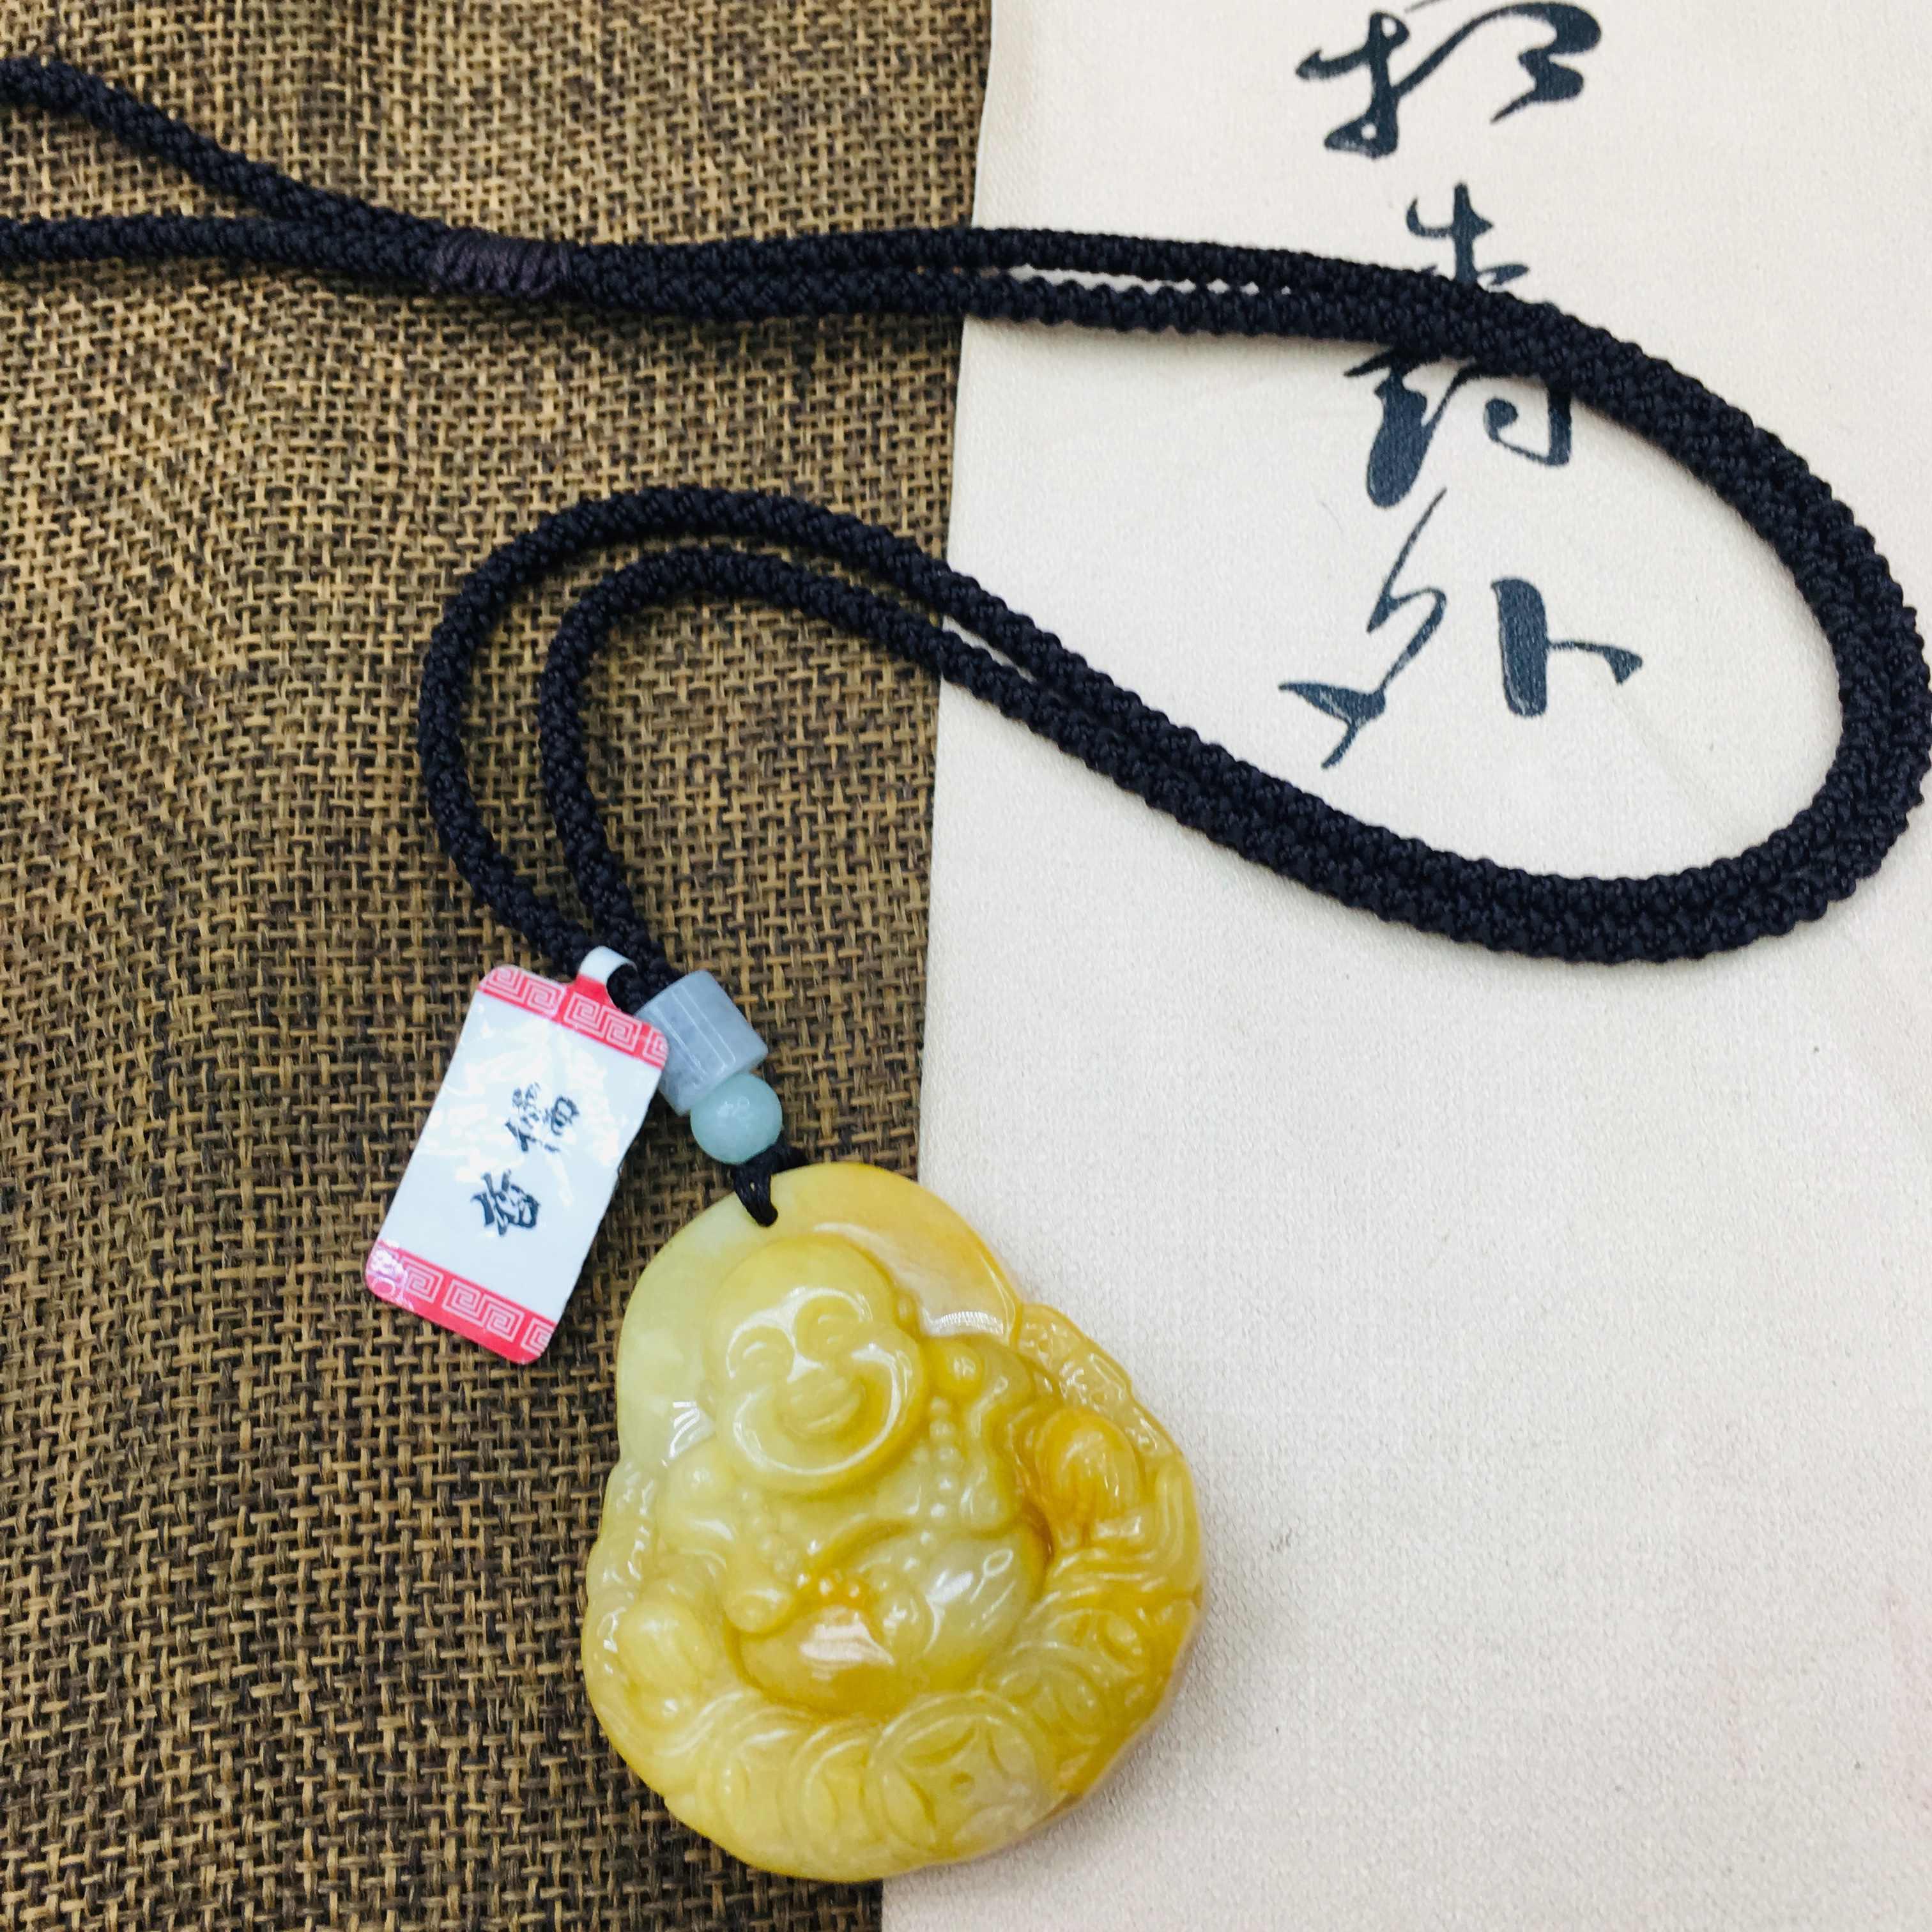 Nguyên chất tự nhiên Topaz chạm khắc tiền Phật Cười Mặt dây chuyền tay dệt kim đơn giản Vòng cổ nam nữ áo len dây chuyền